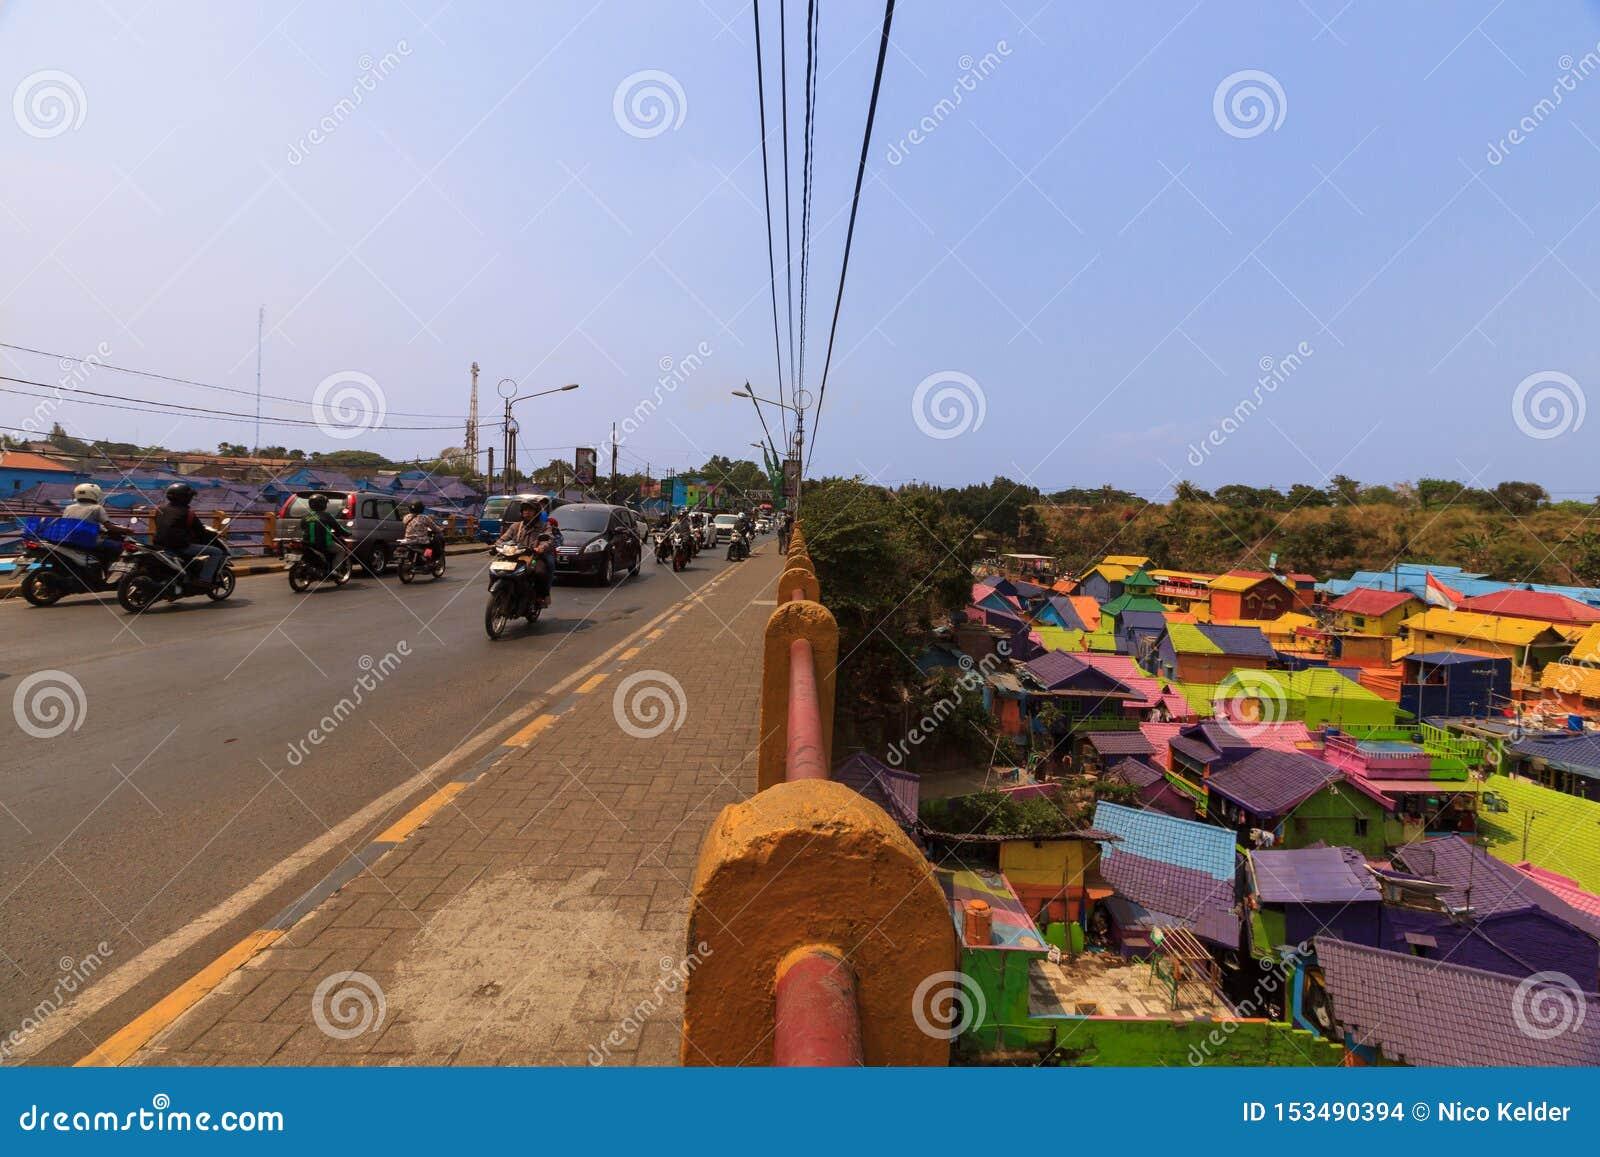 Buntes Dorf Malang Kampung Warna Warni Jodipan